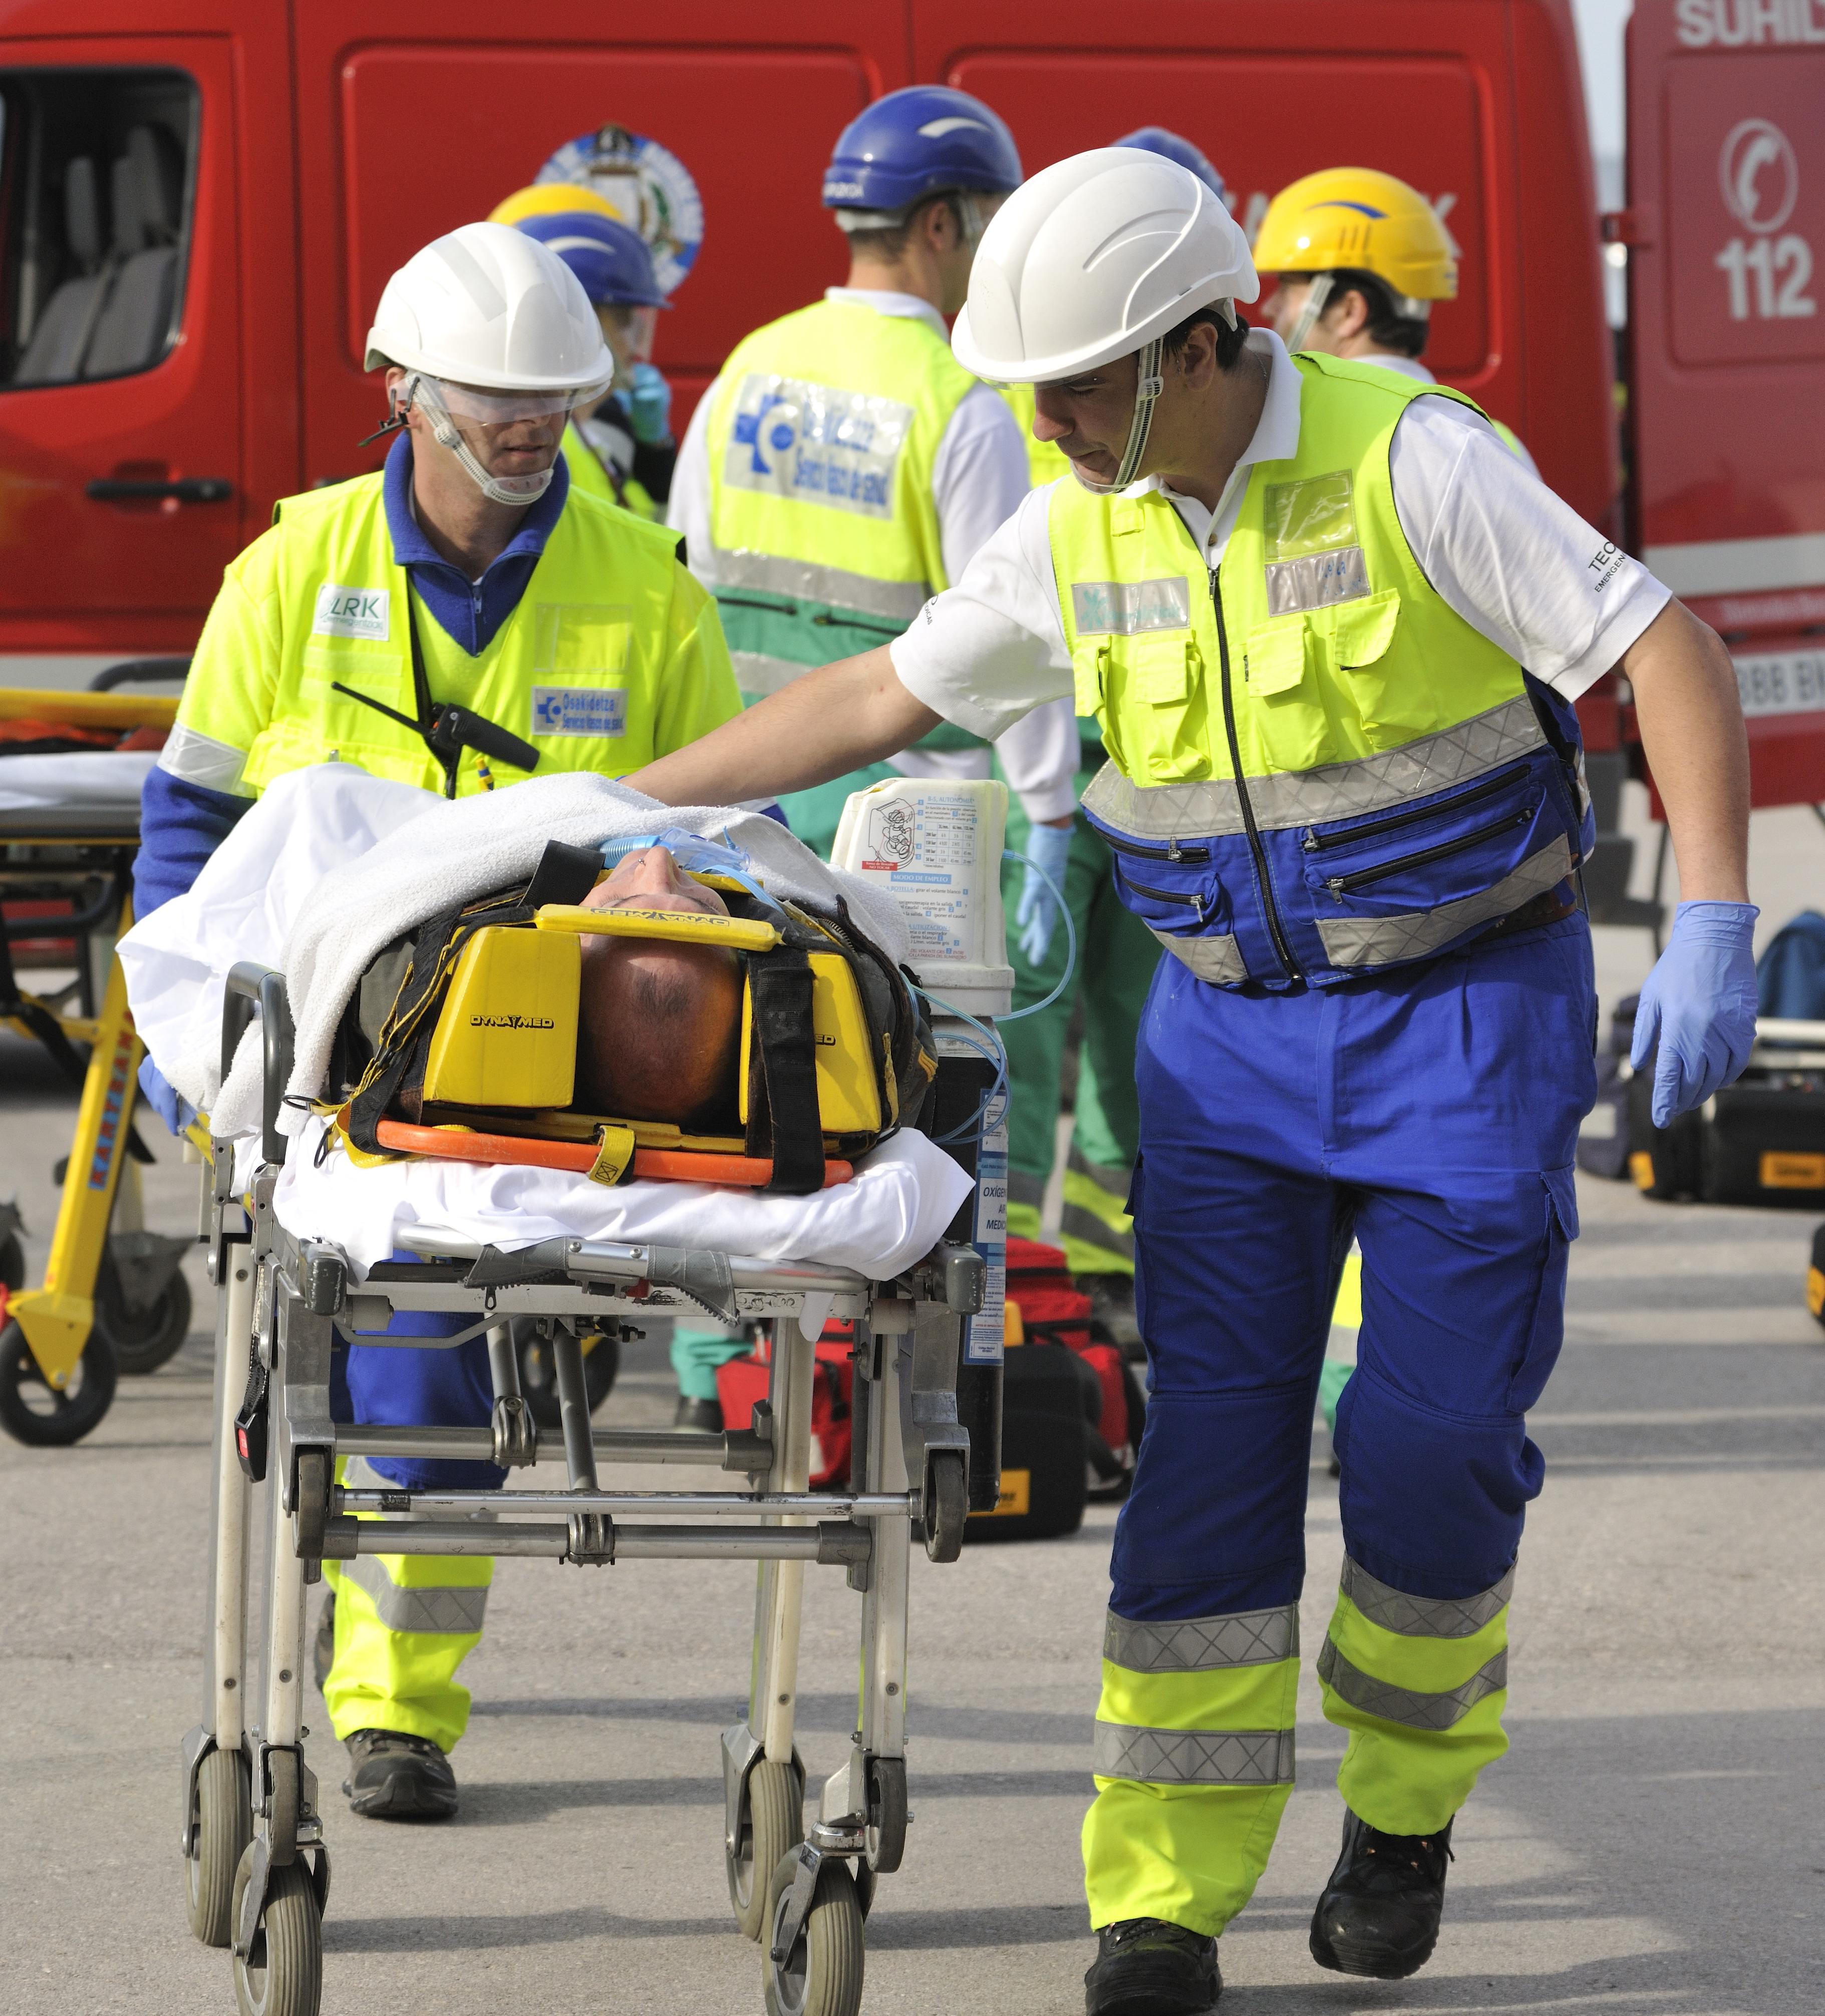 simulacro_emergencias9.jpg